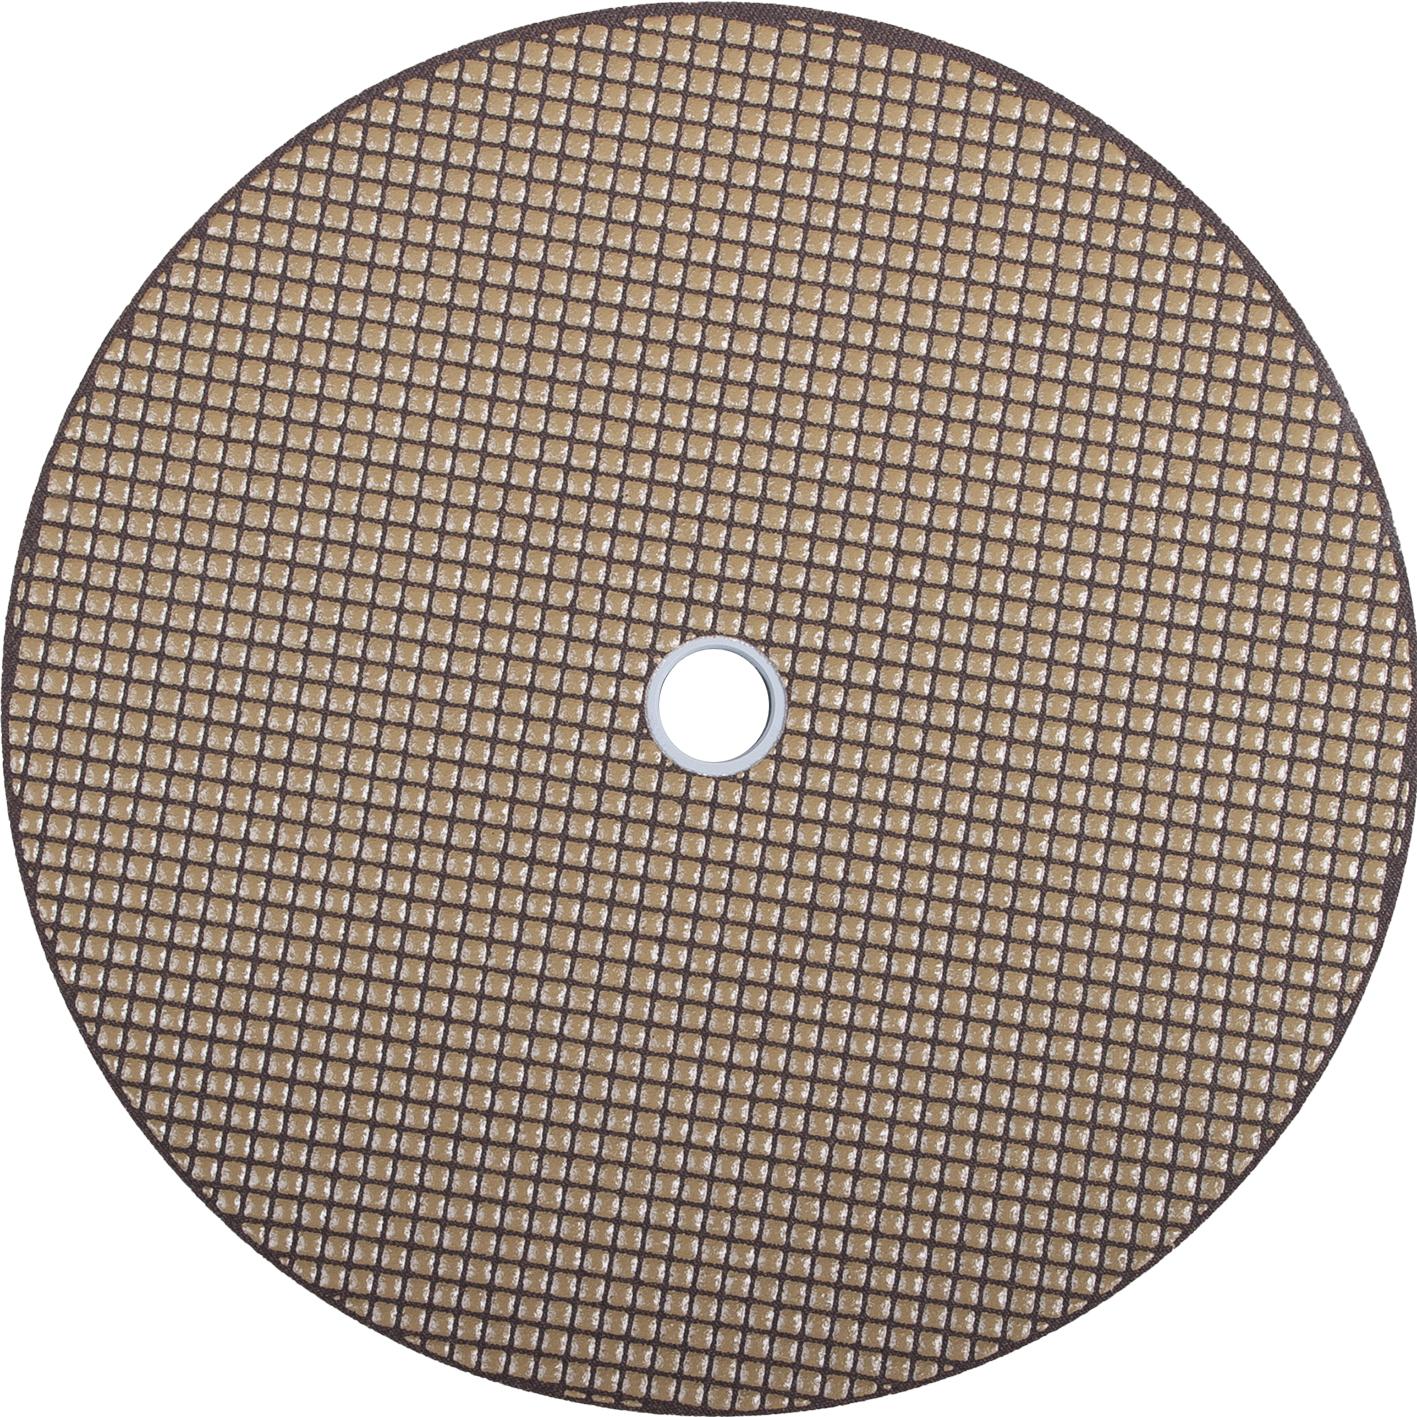 Diamantschleifteller OCTRON ø 250 mm | Klett | Korn 60